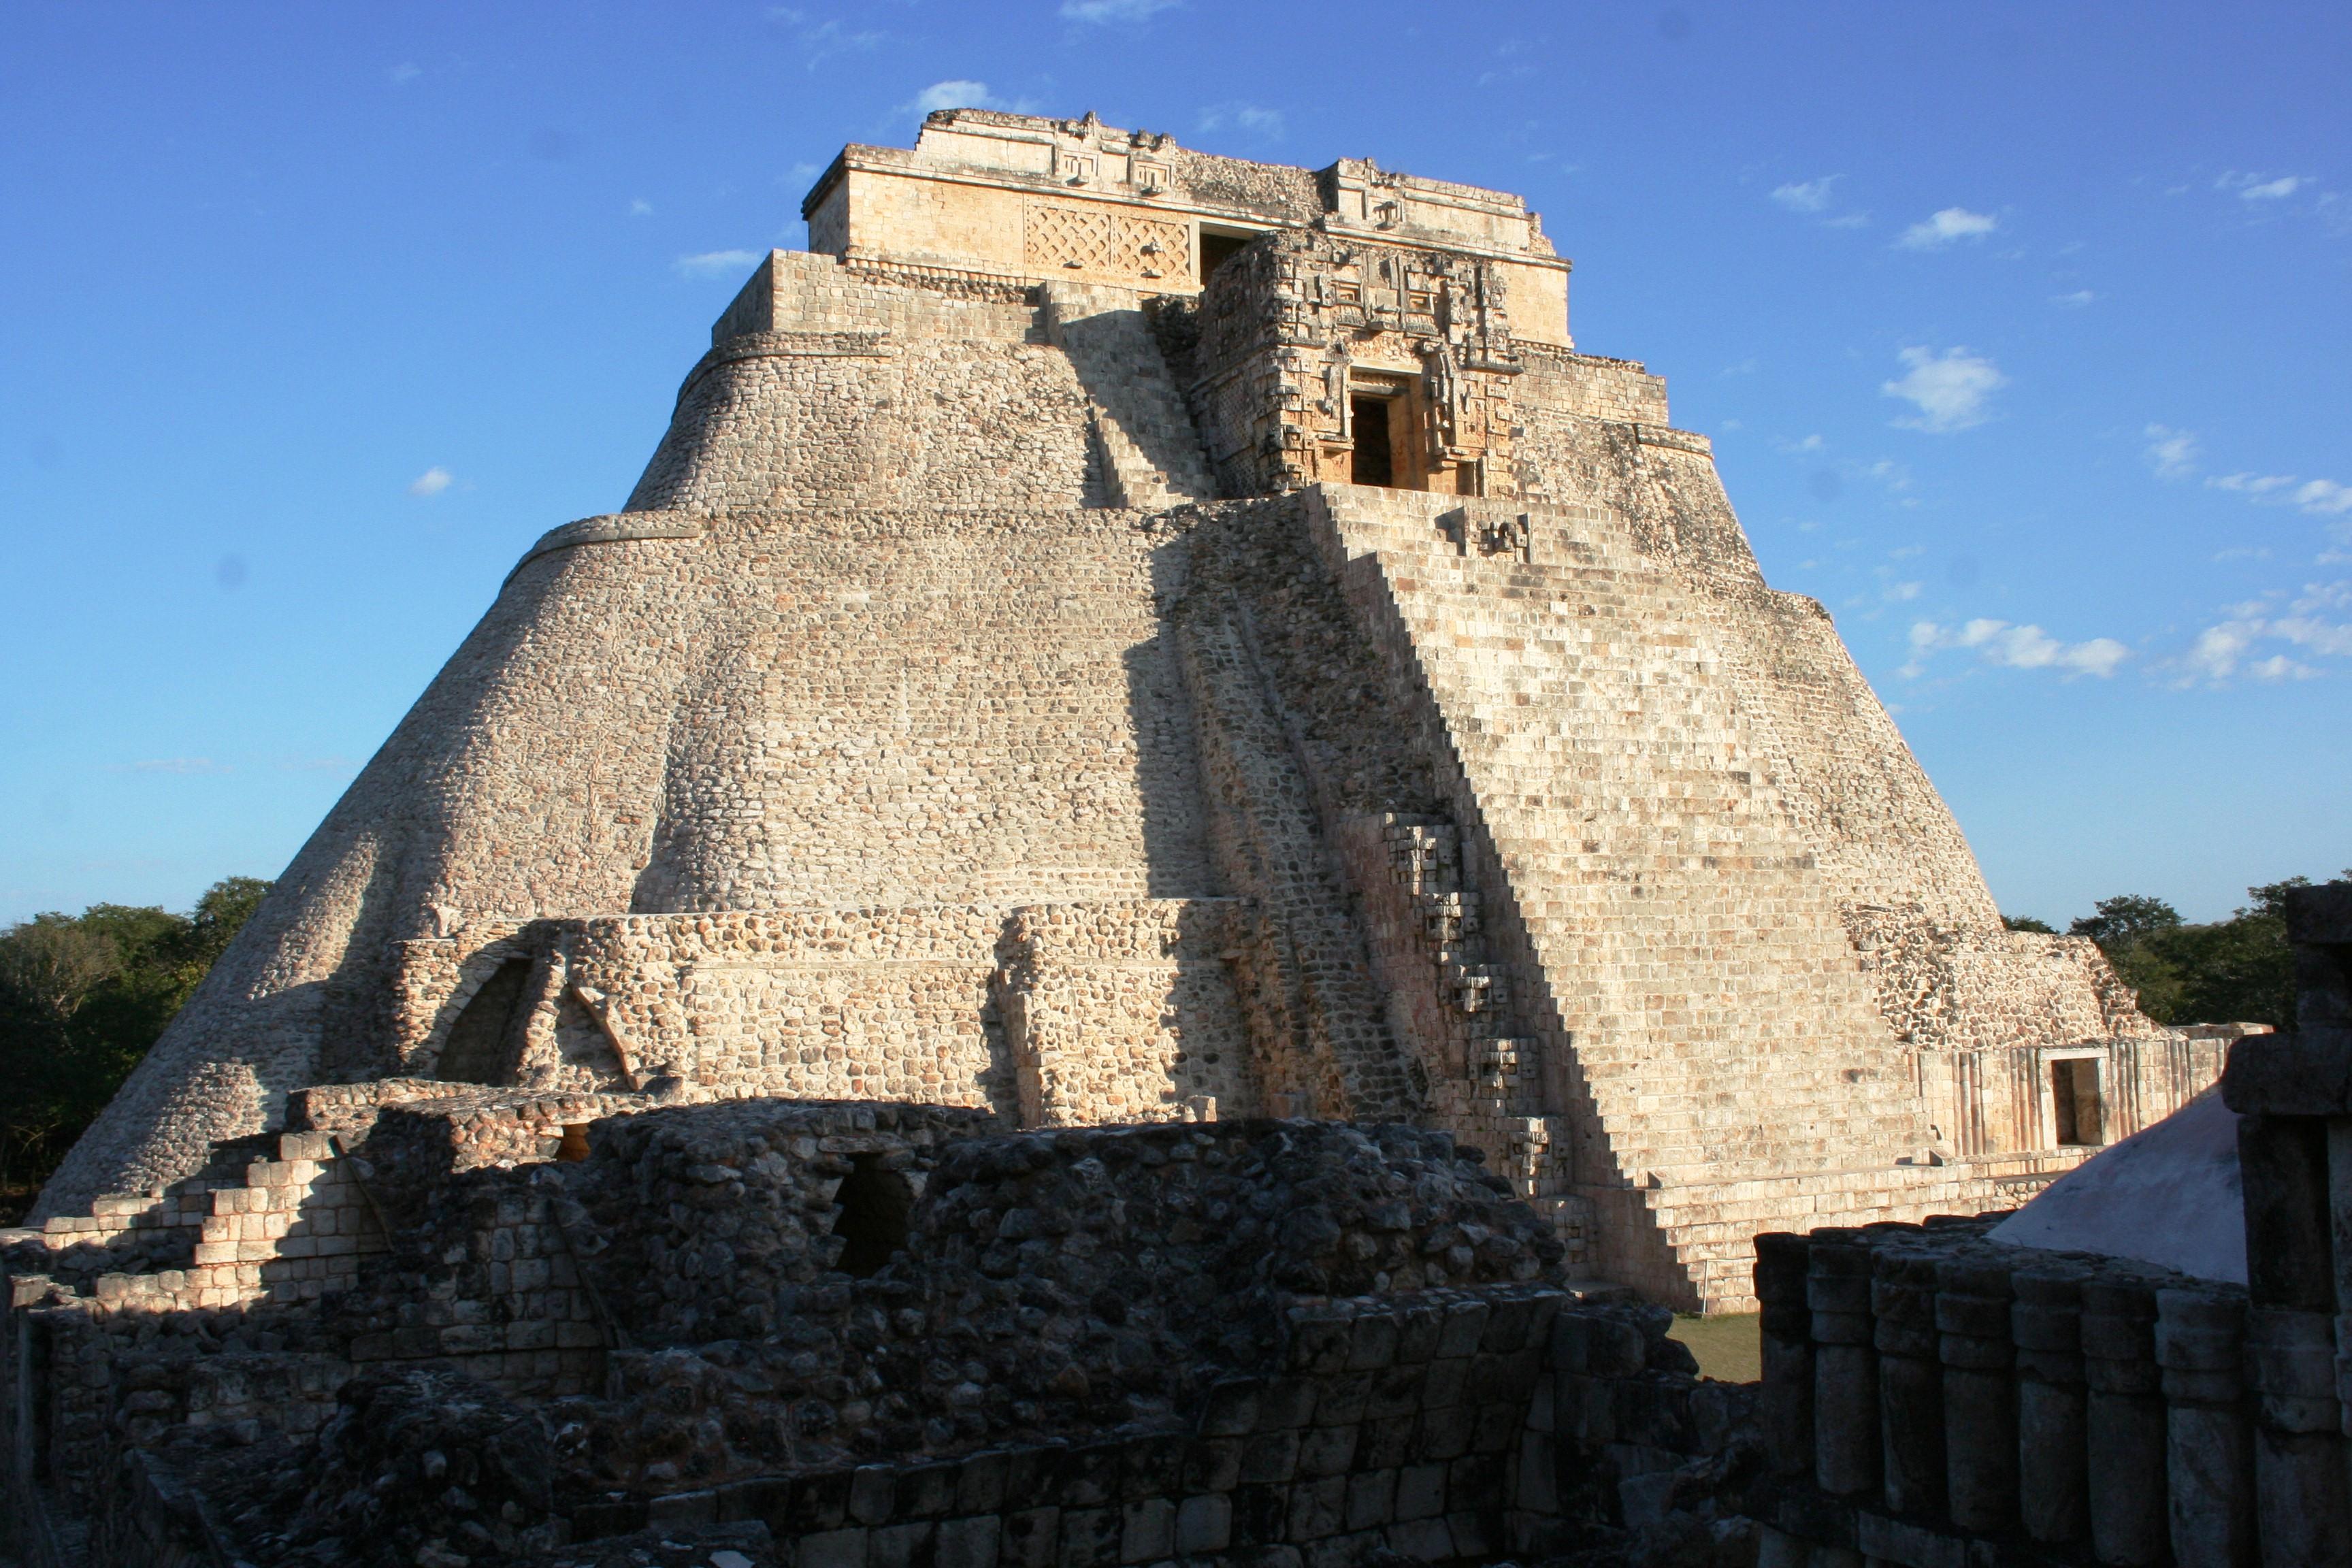 2009 - Mexico